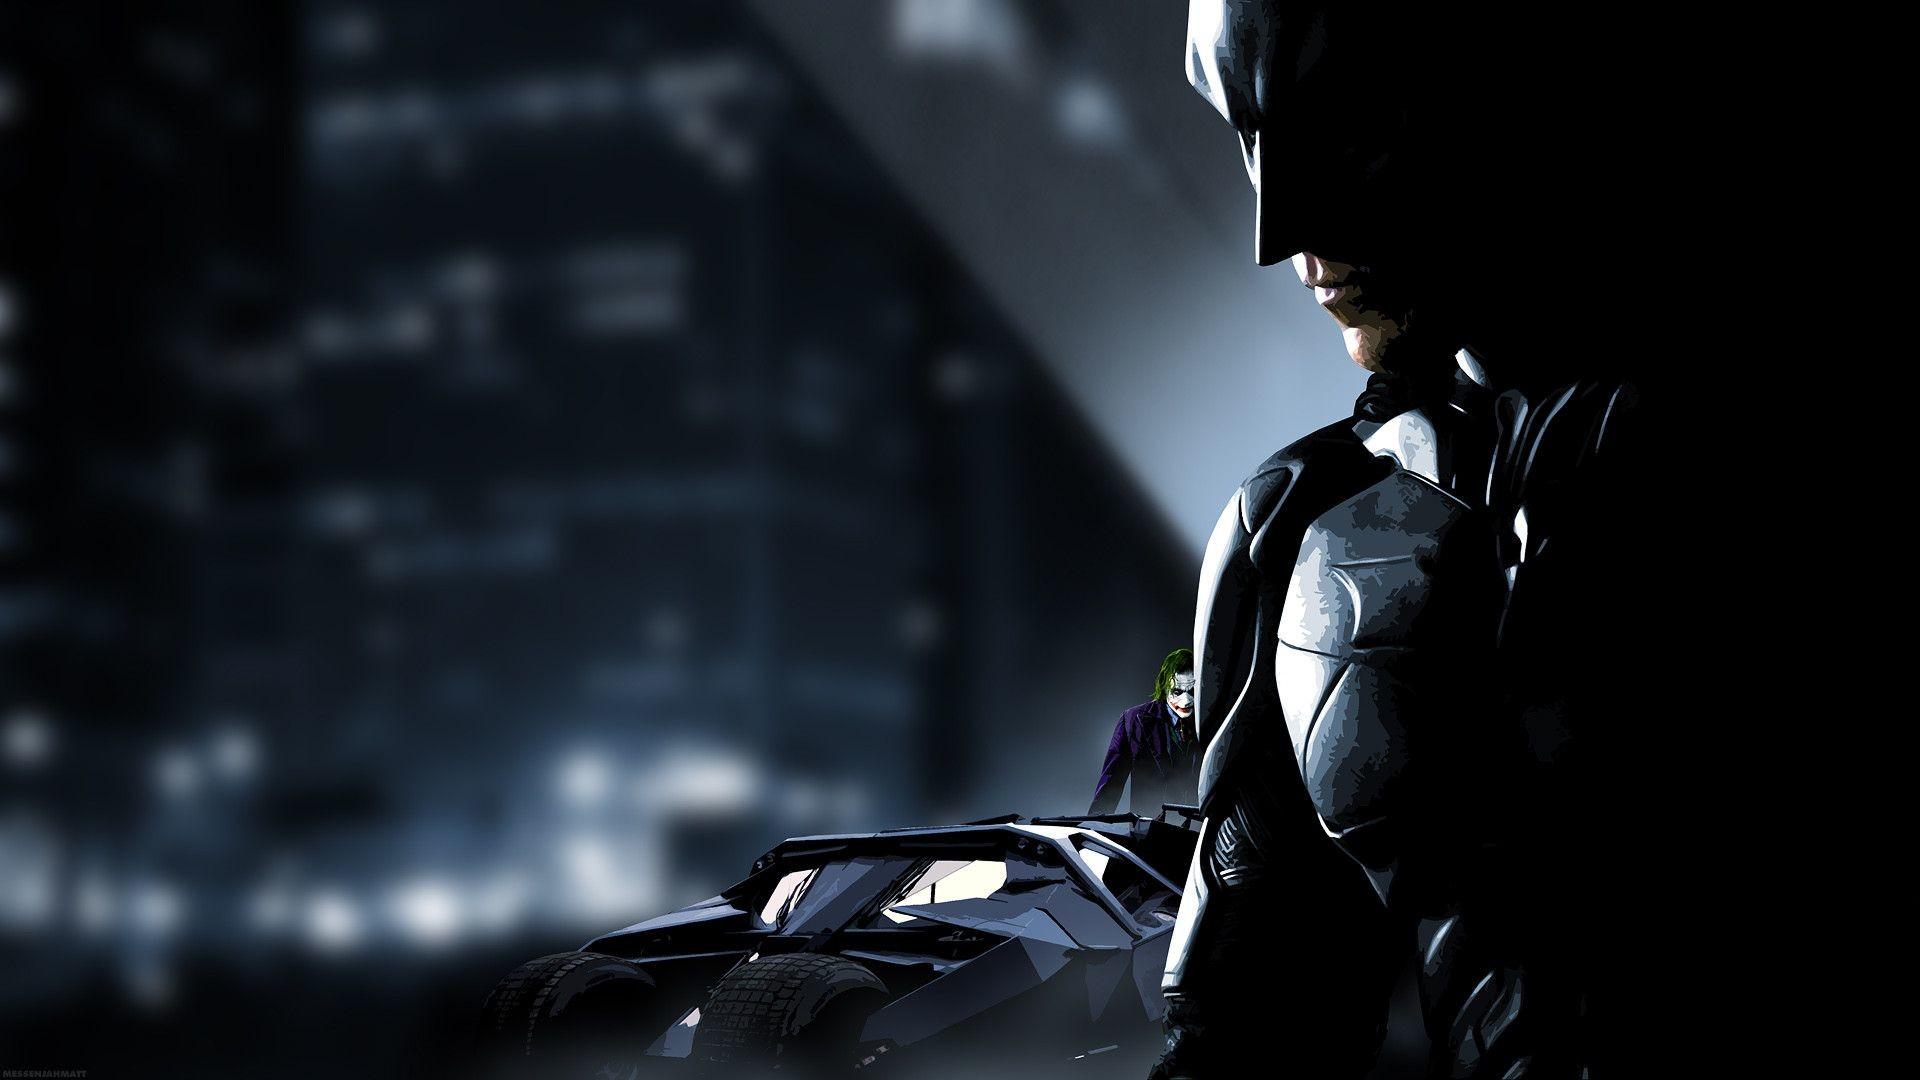 Batman v Superman: Dawn of Justice HD wallpapers free download 1920×1080  Batman High